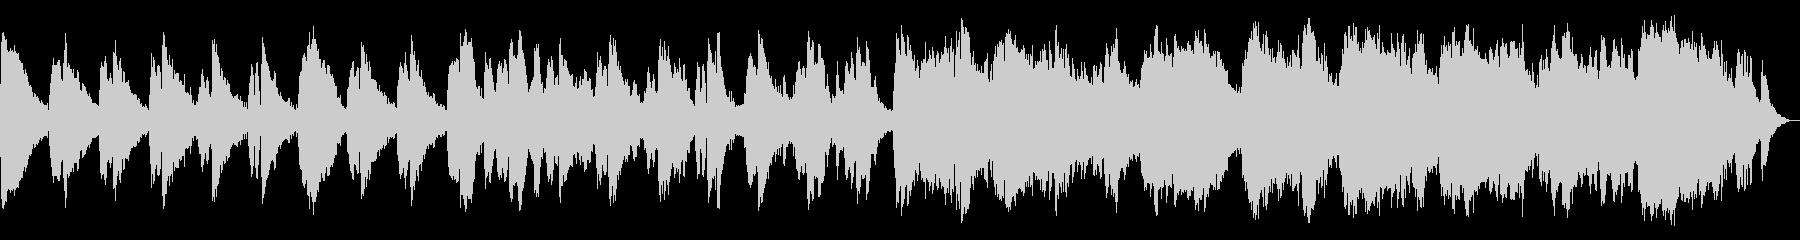 浮遊感を感じる、アンビエントミュージックの未再生の波形